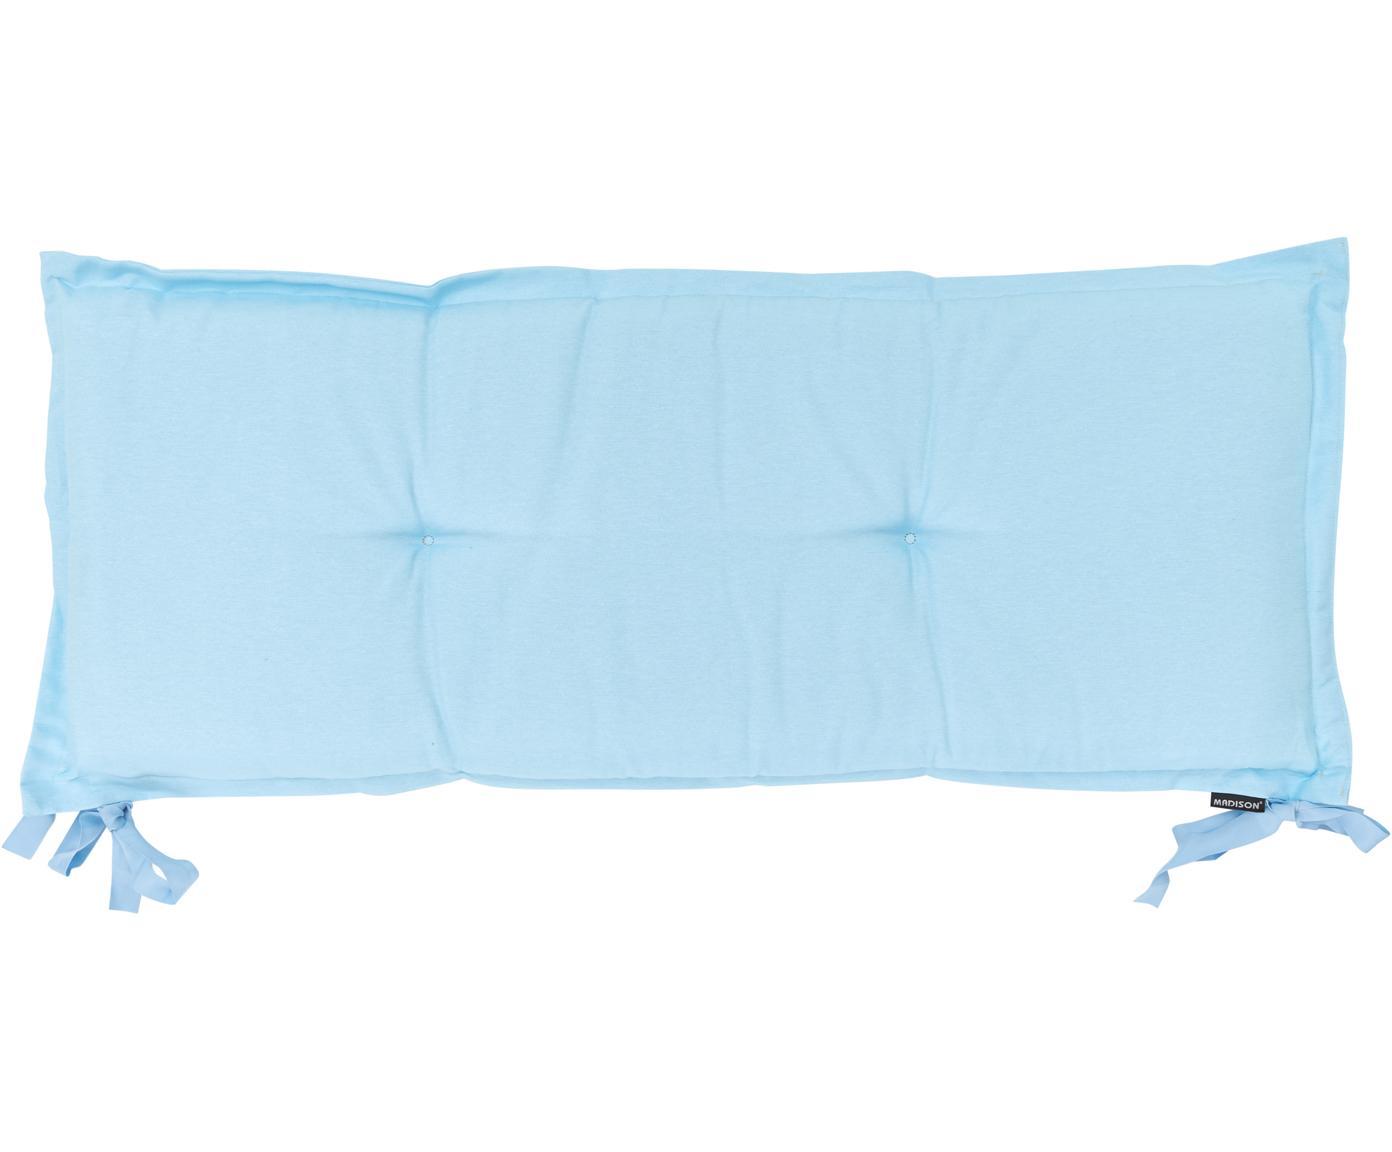 Nakładka na ławkę Panama, Tapicerka: 50% bawełna, 45% polieste, Jasny niebieski, S 48 x D 150 cm